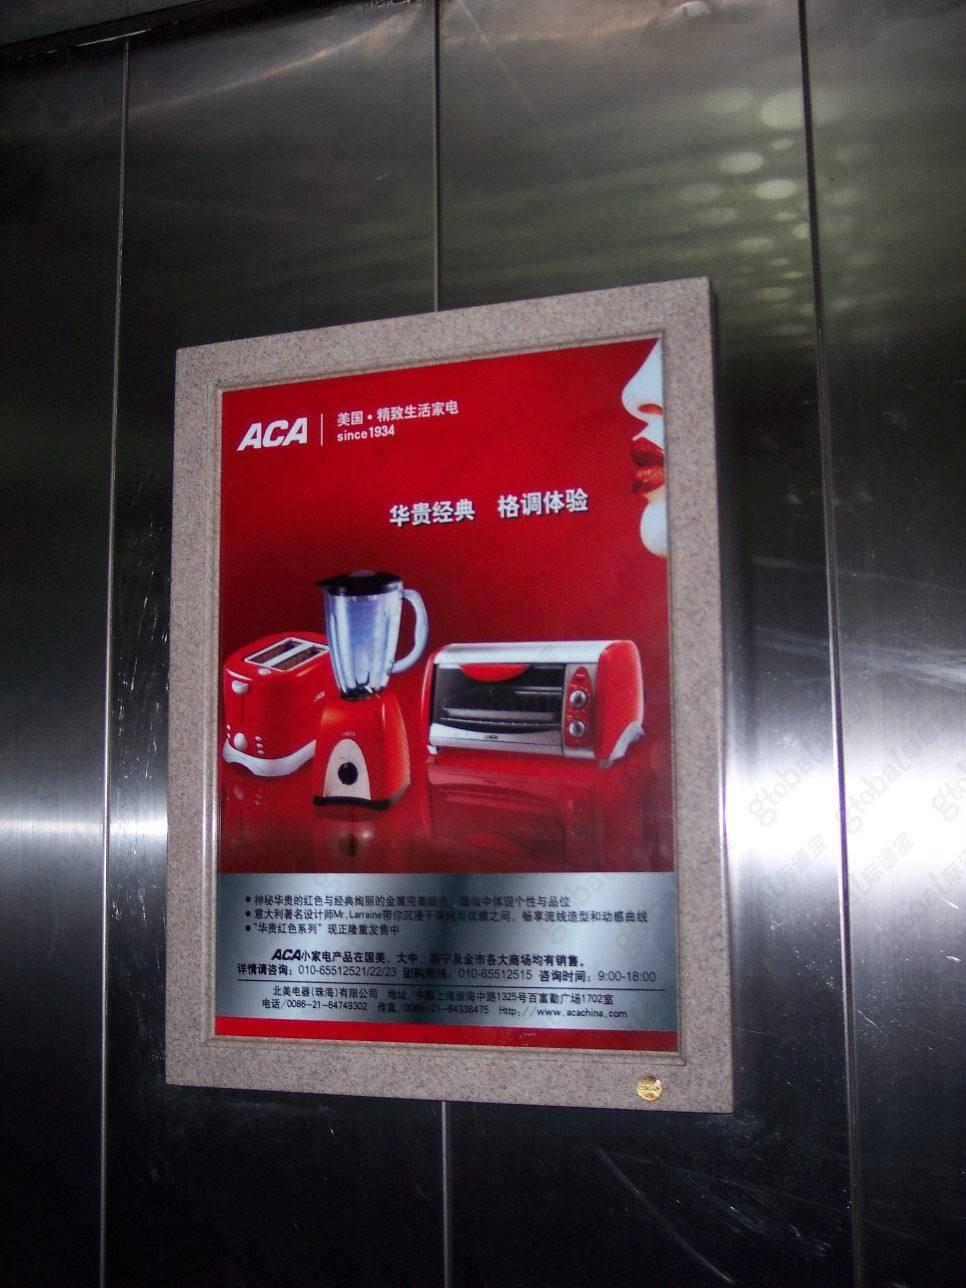 开封电梯广告公司广告牌框架3.0投放(100框起投)